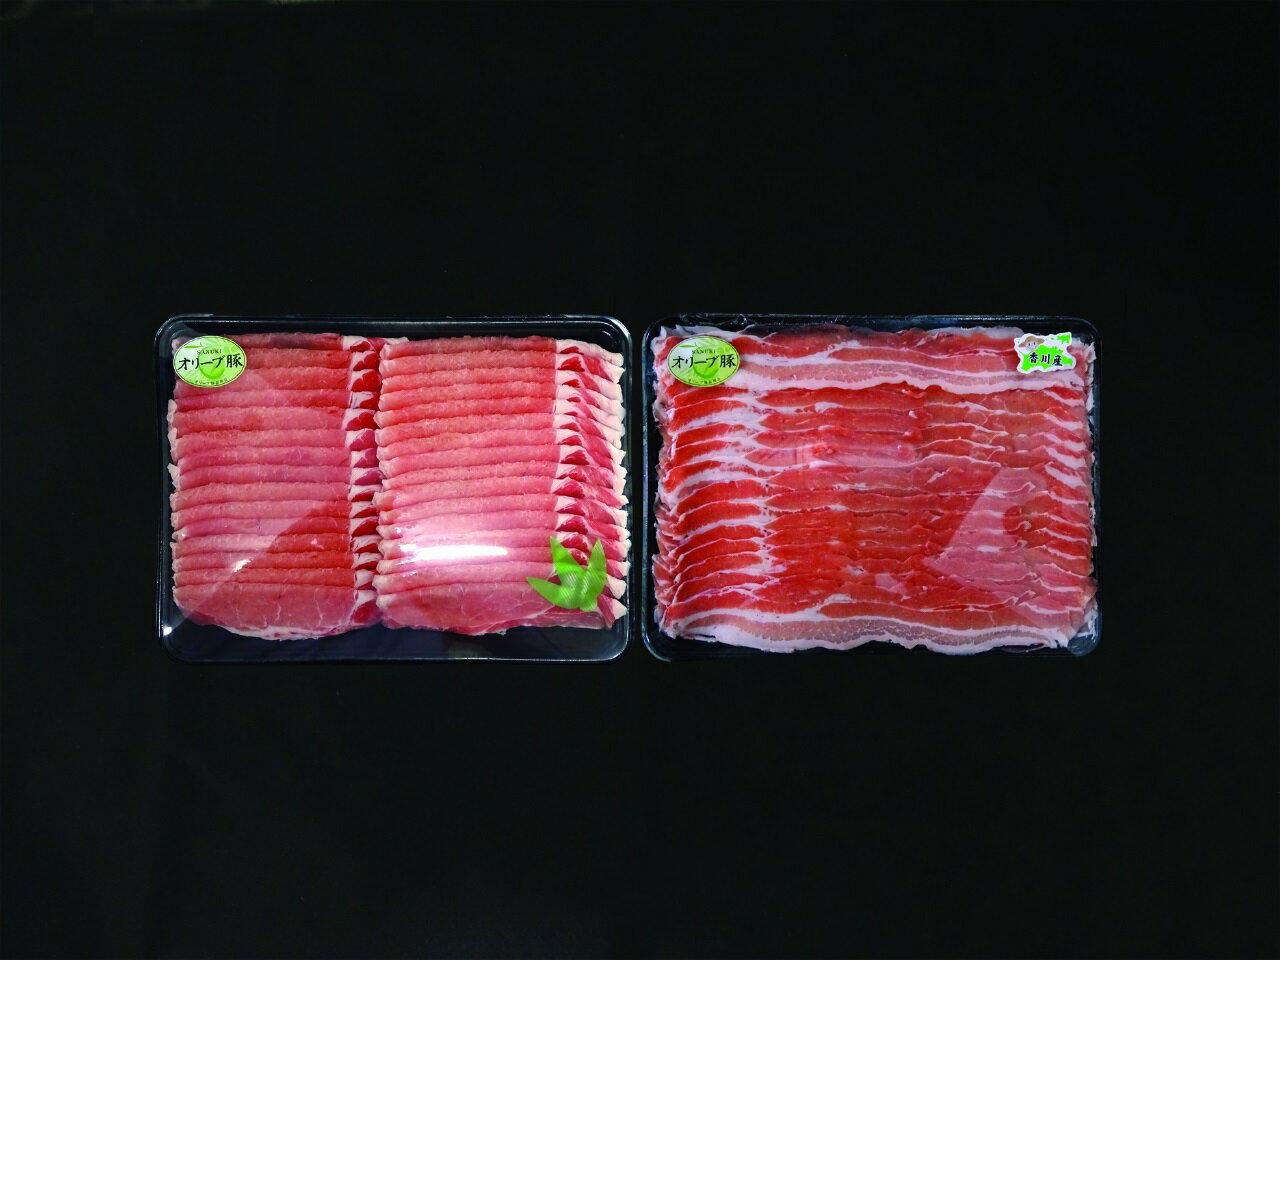 【ふるさと納税】【香川のブランド豚!!オリーブを食べた豚だからヘルシー】オリーブ豚 【ロースしゃぶしゃぶ用2kg・バラしゃぶしゃぶ用2.5kg】